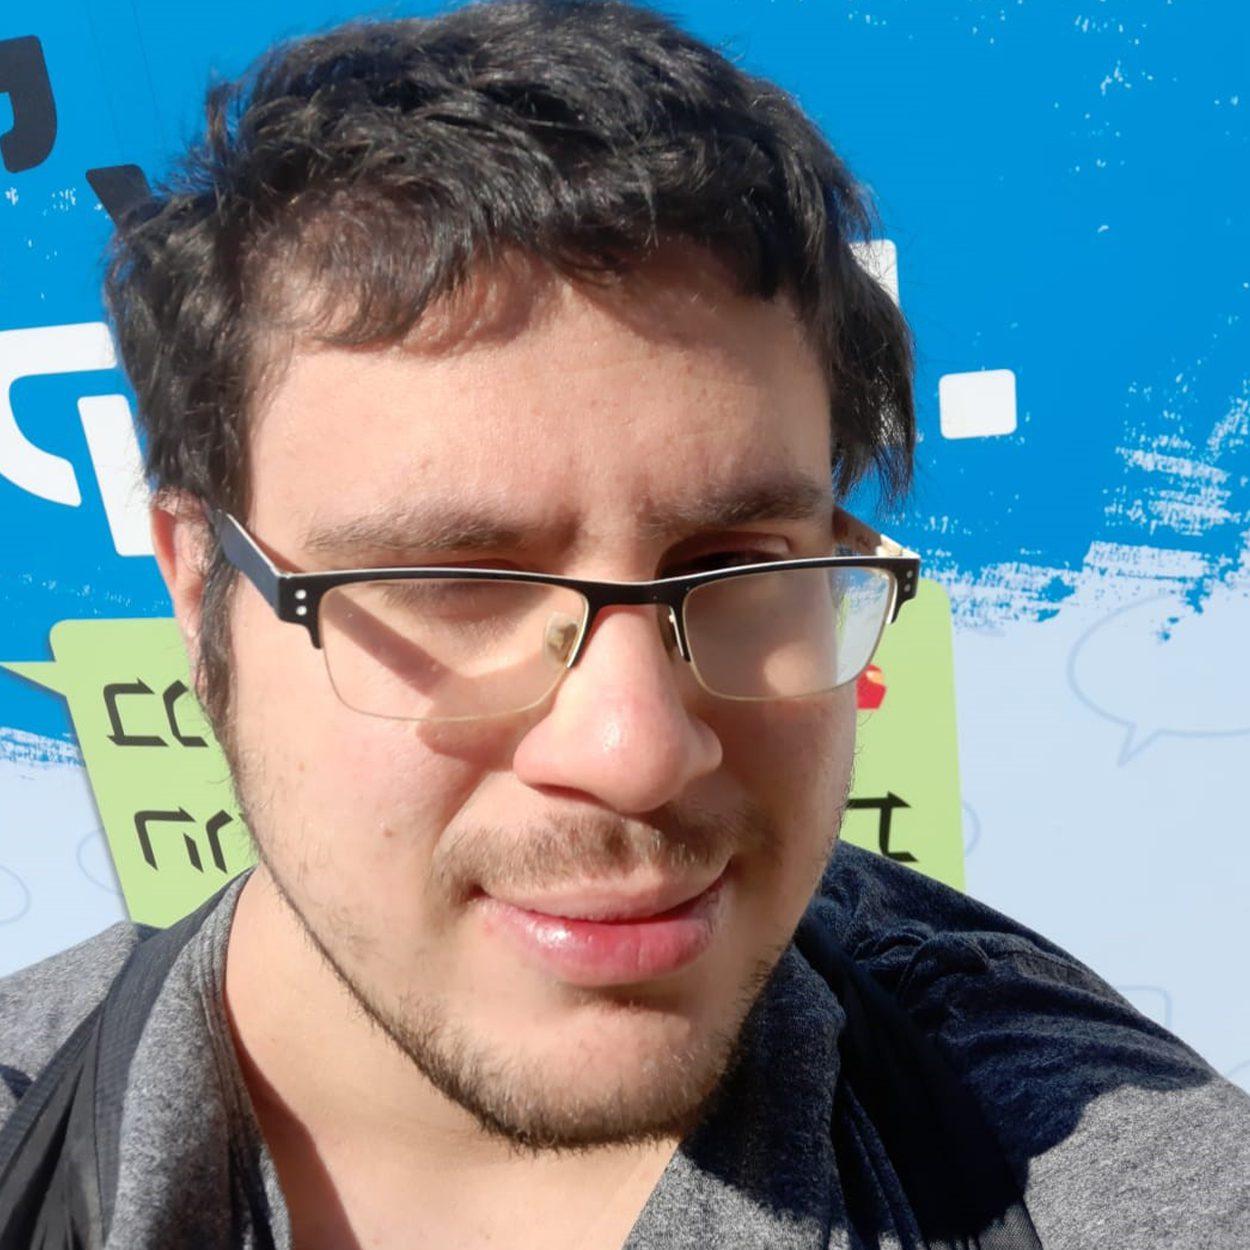 סיפורים אישיים - עילם יהודה עברי, בן 24